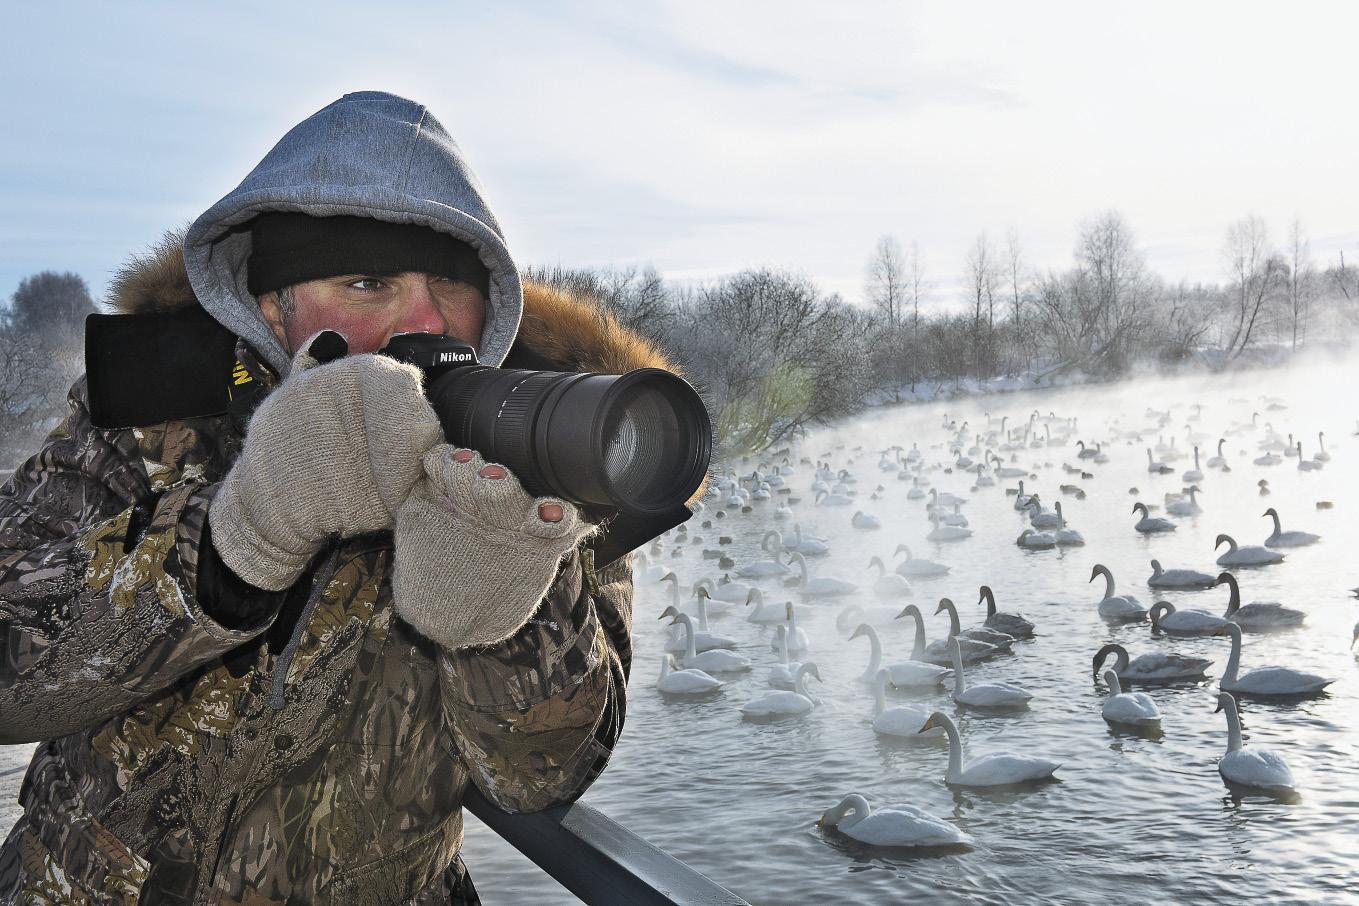 Сотни лебедей собираются зимой на озере Светлом – есть отличный повод поймать удачный кадр. Московский фотограф-анималист Кирилл Горелов фотографирует редкую красно- книжную птицу.